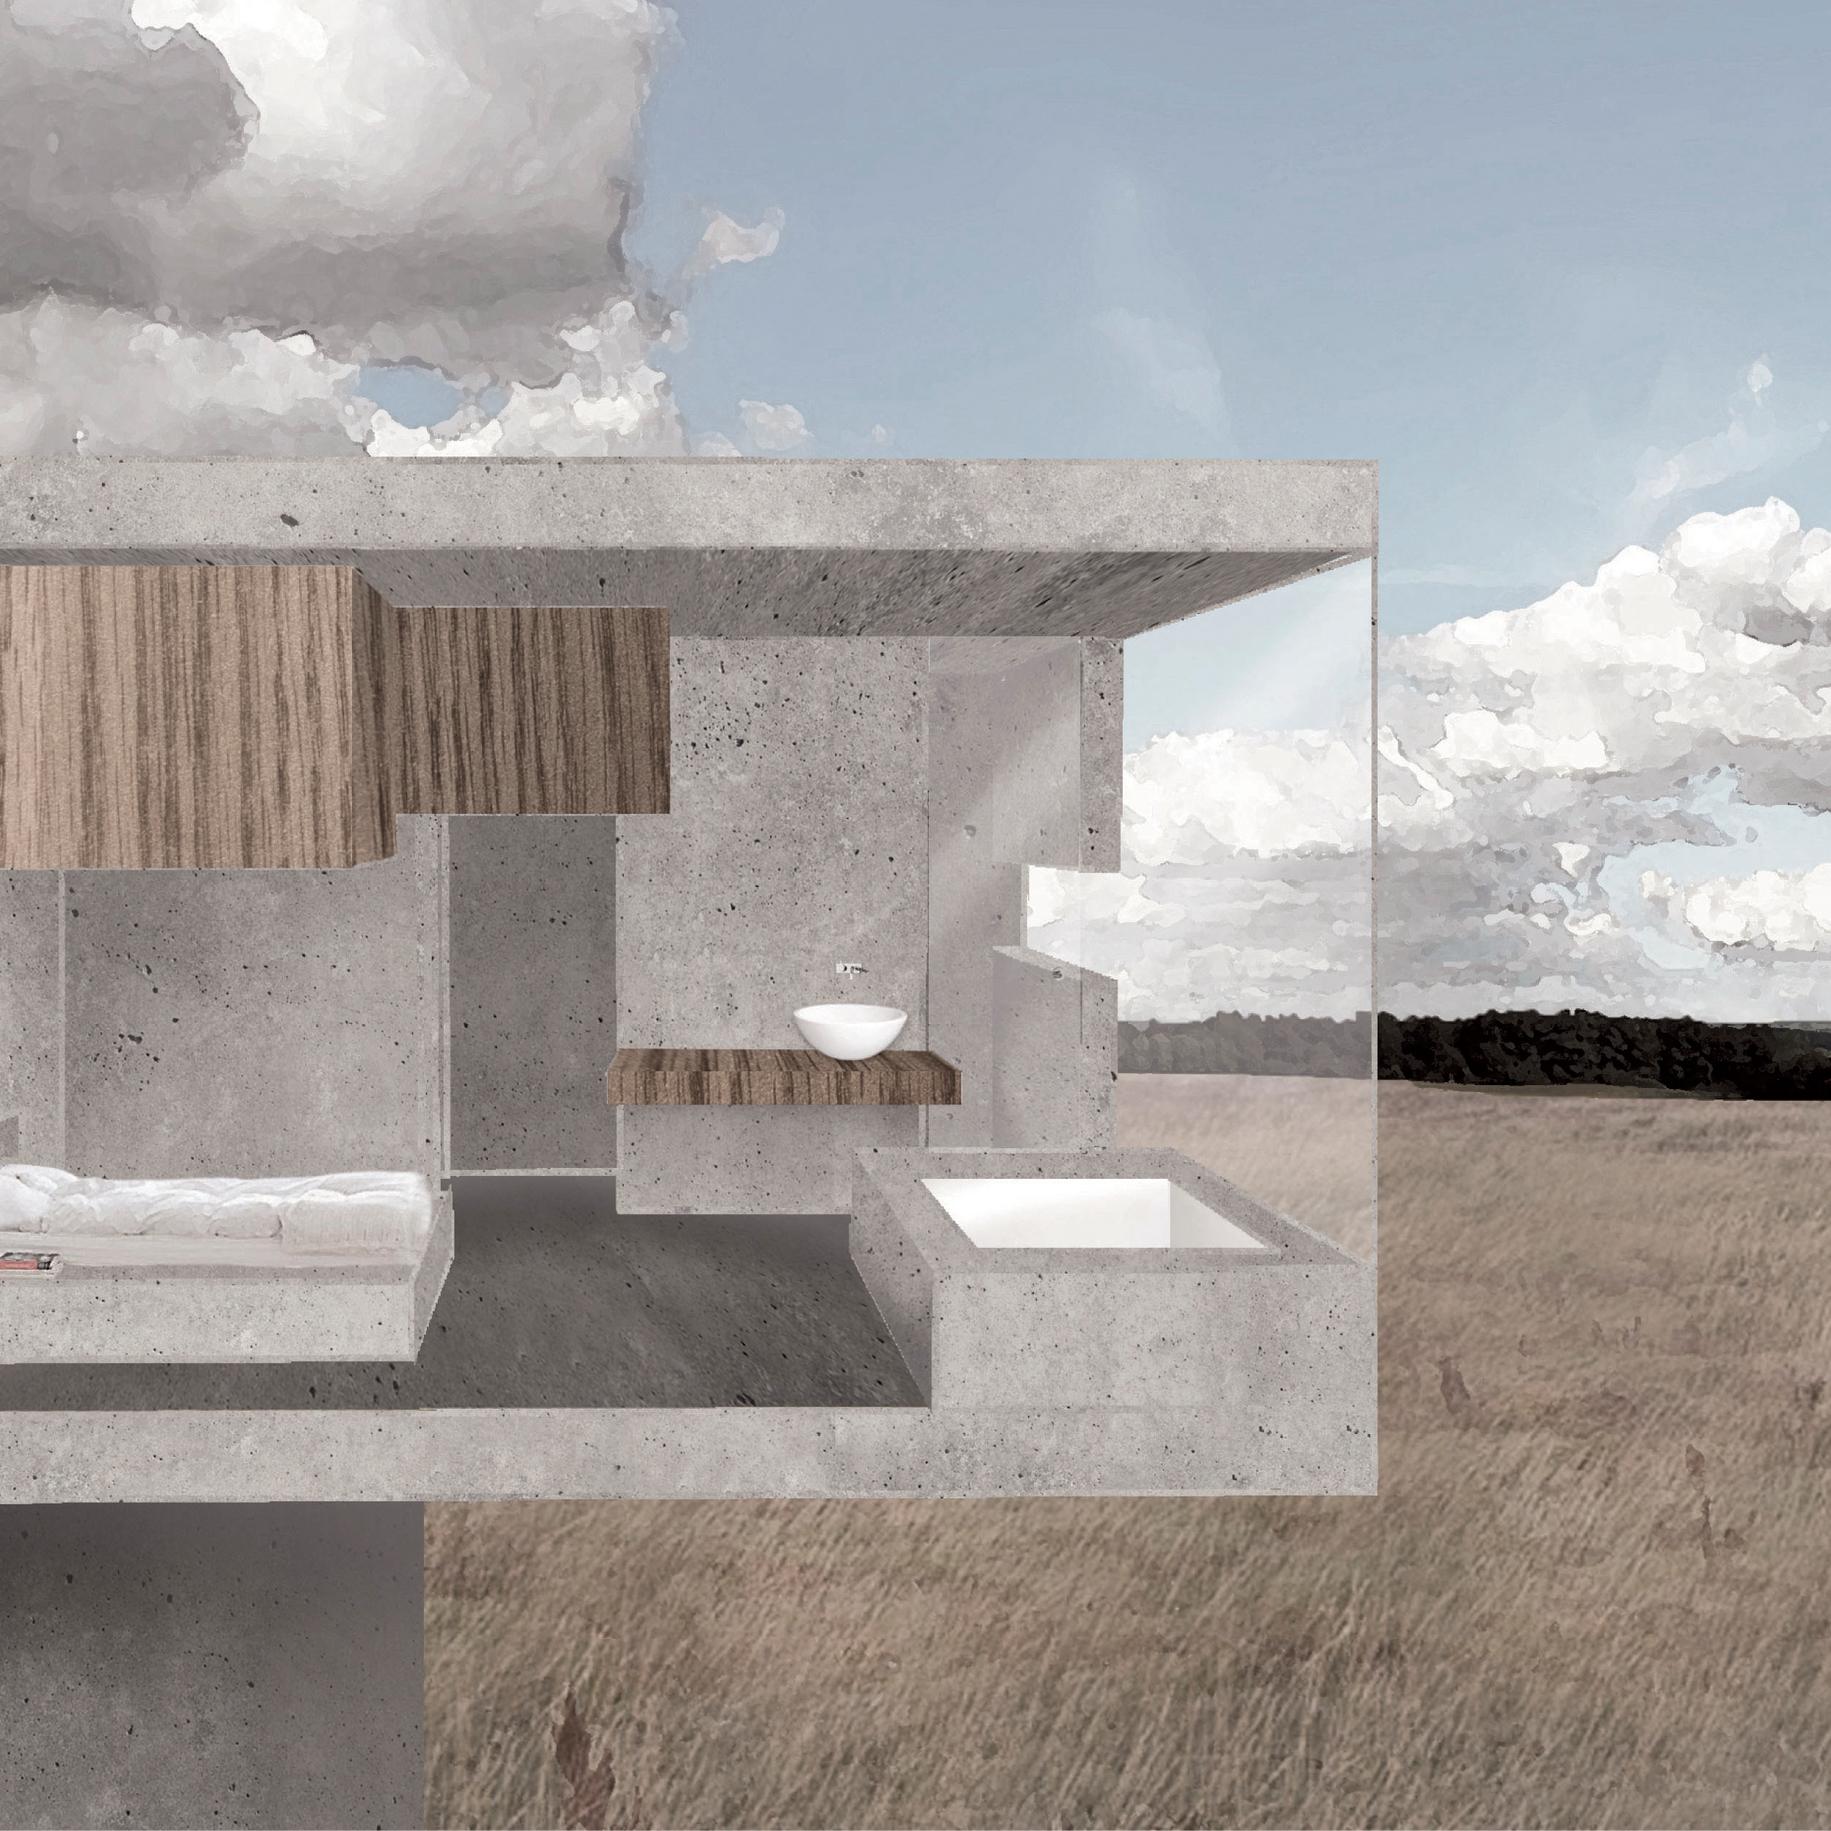 Entwerfen 1 – Institut für Gebäudelehre und Wohnbau